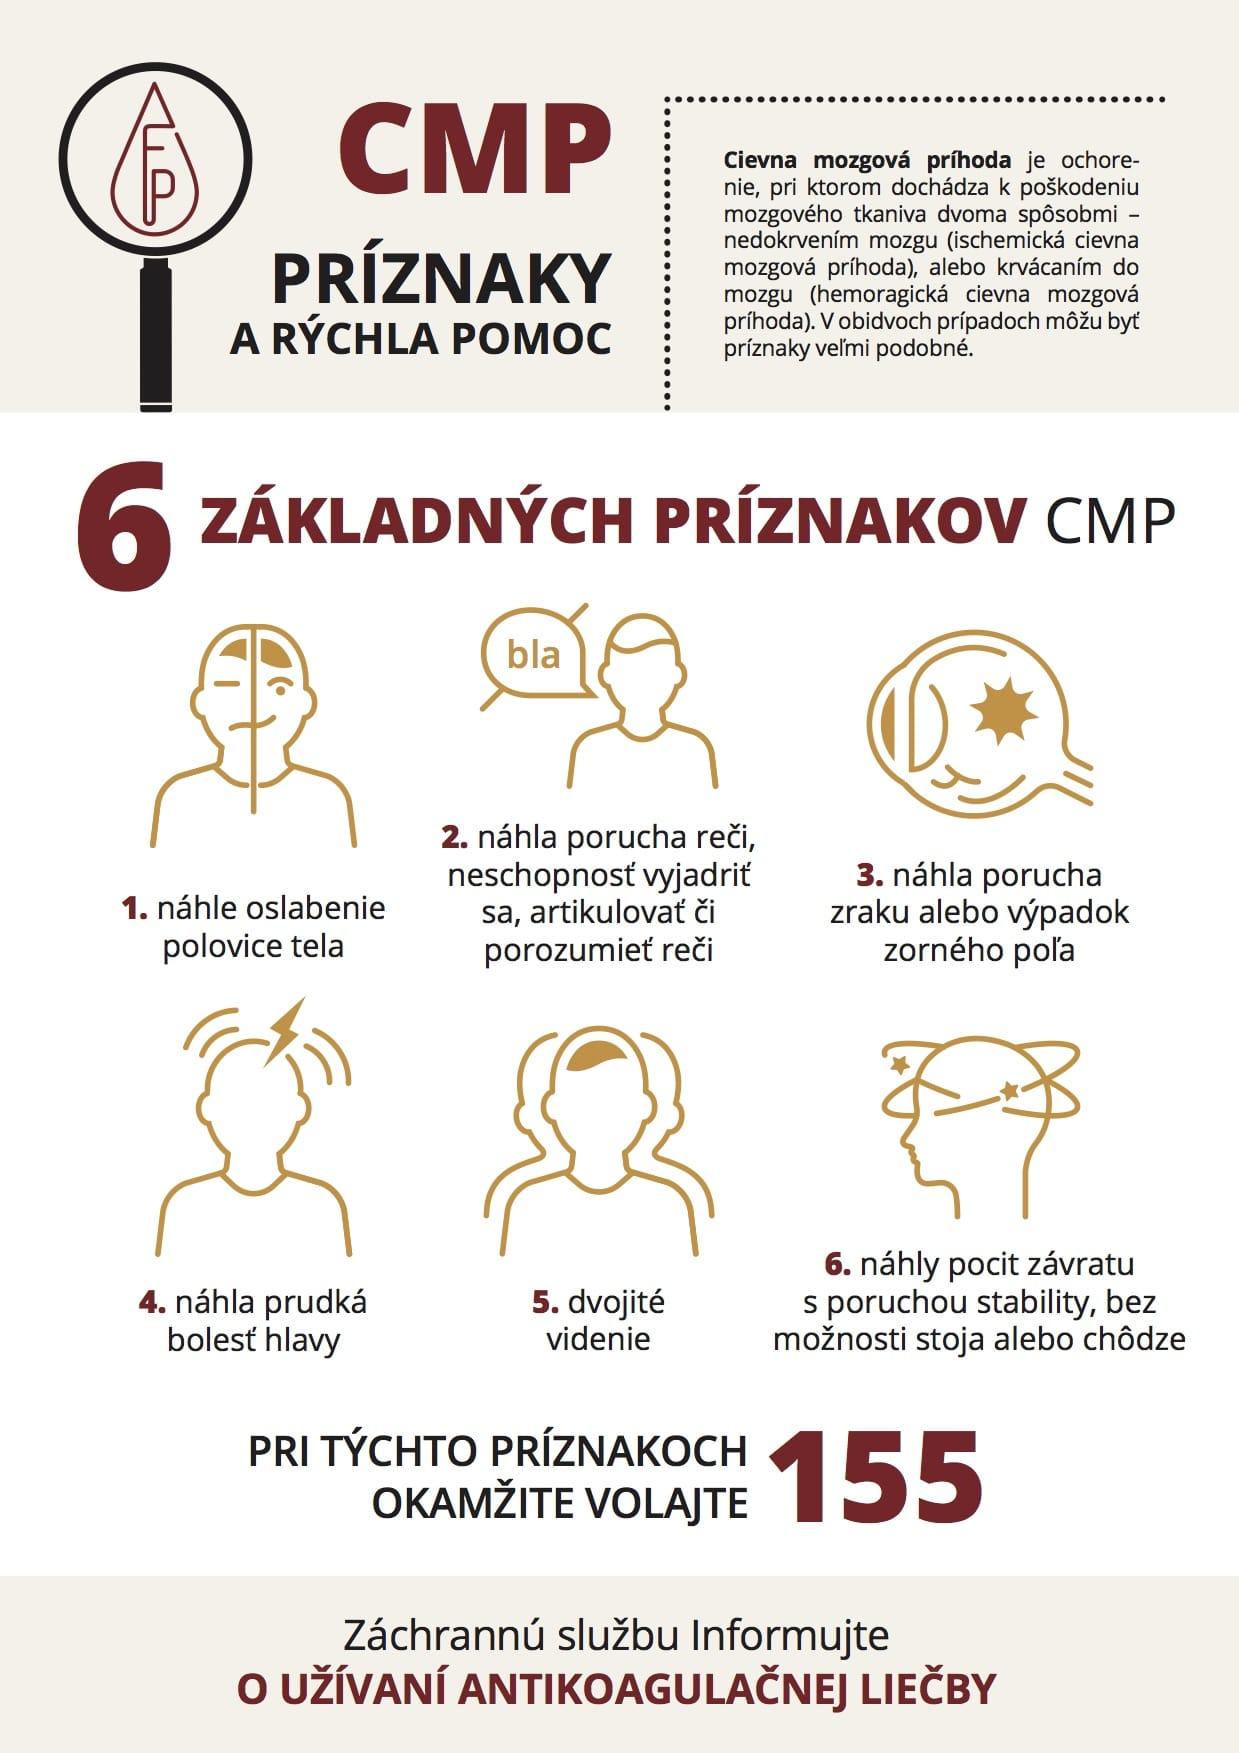 CMP - príznaky a rýchla pomoc